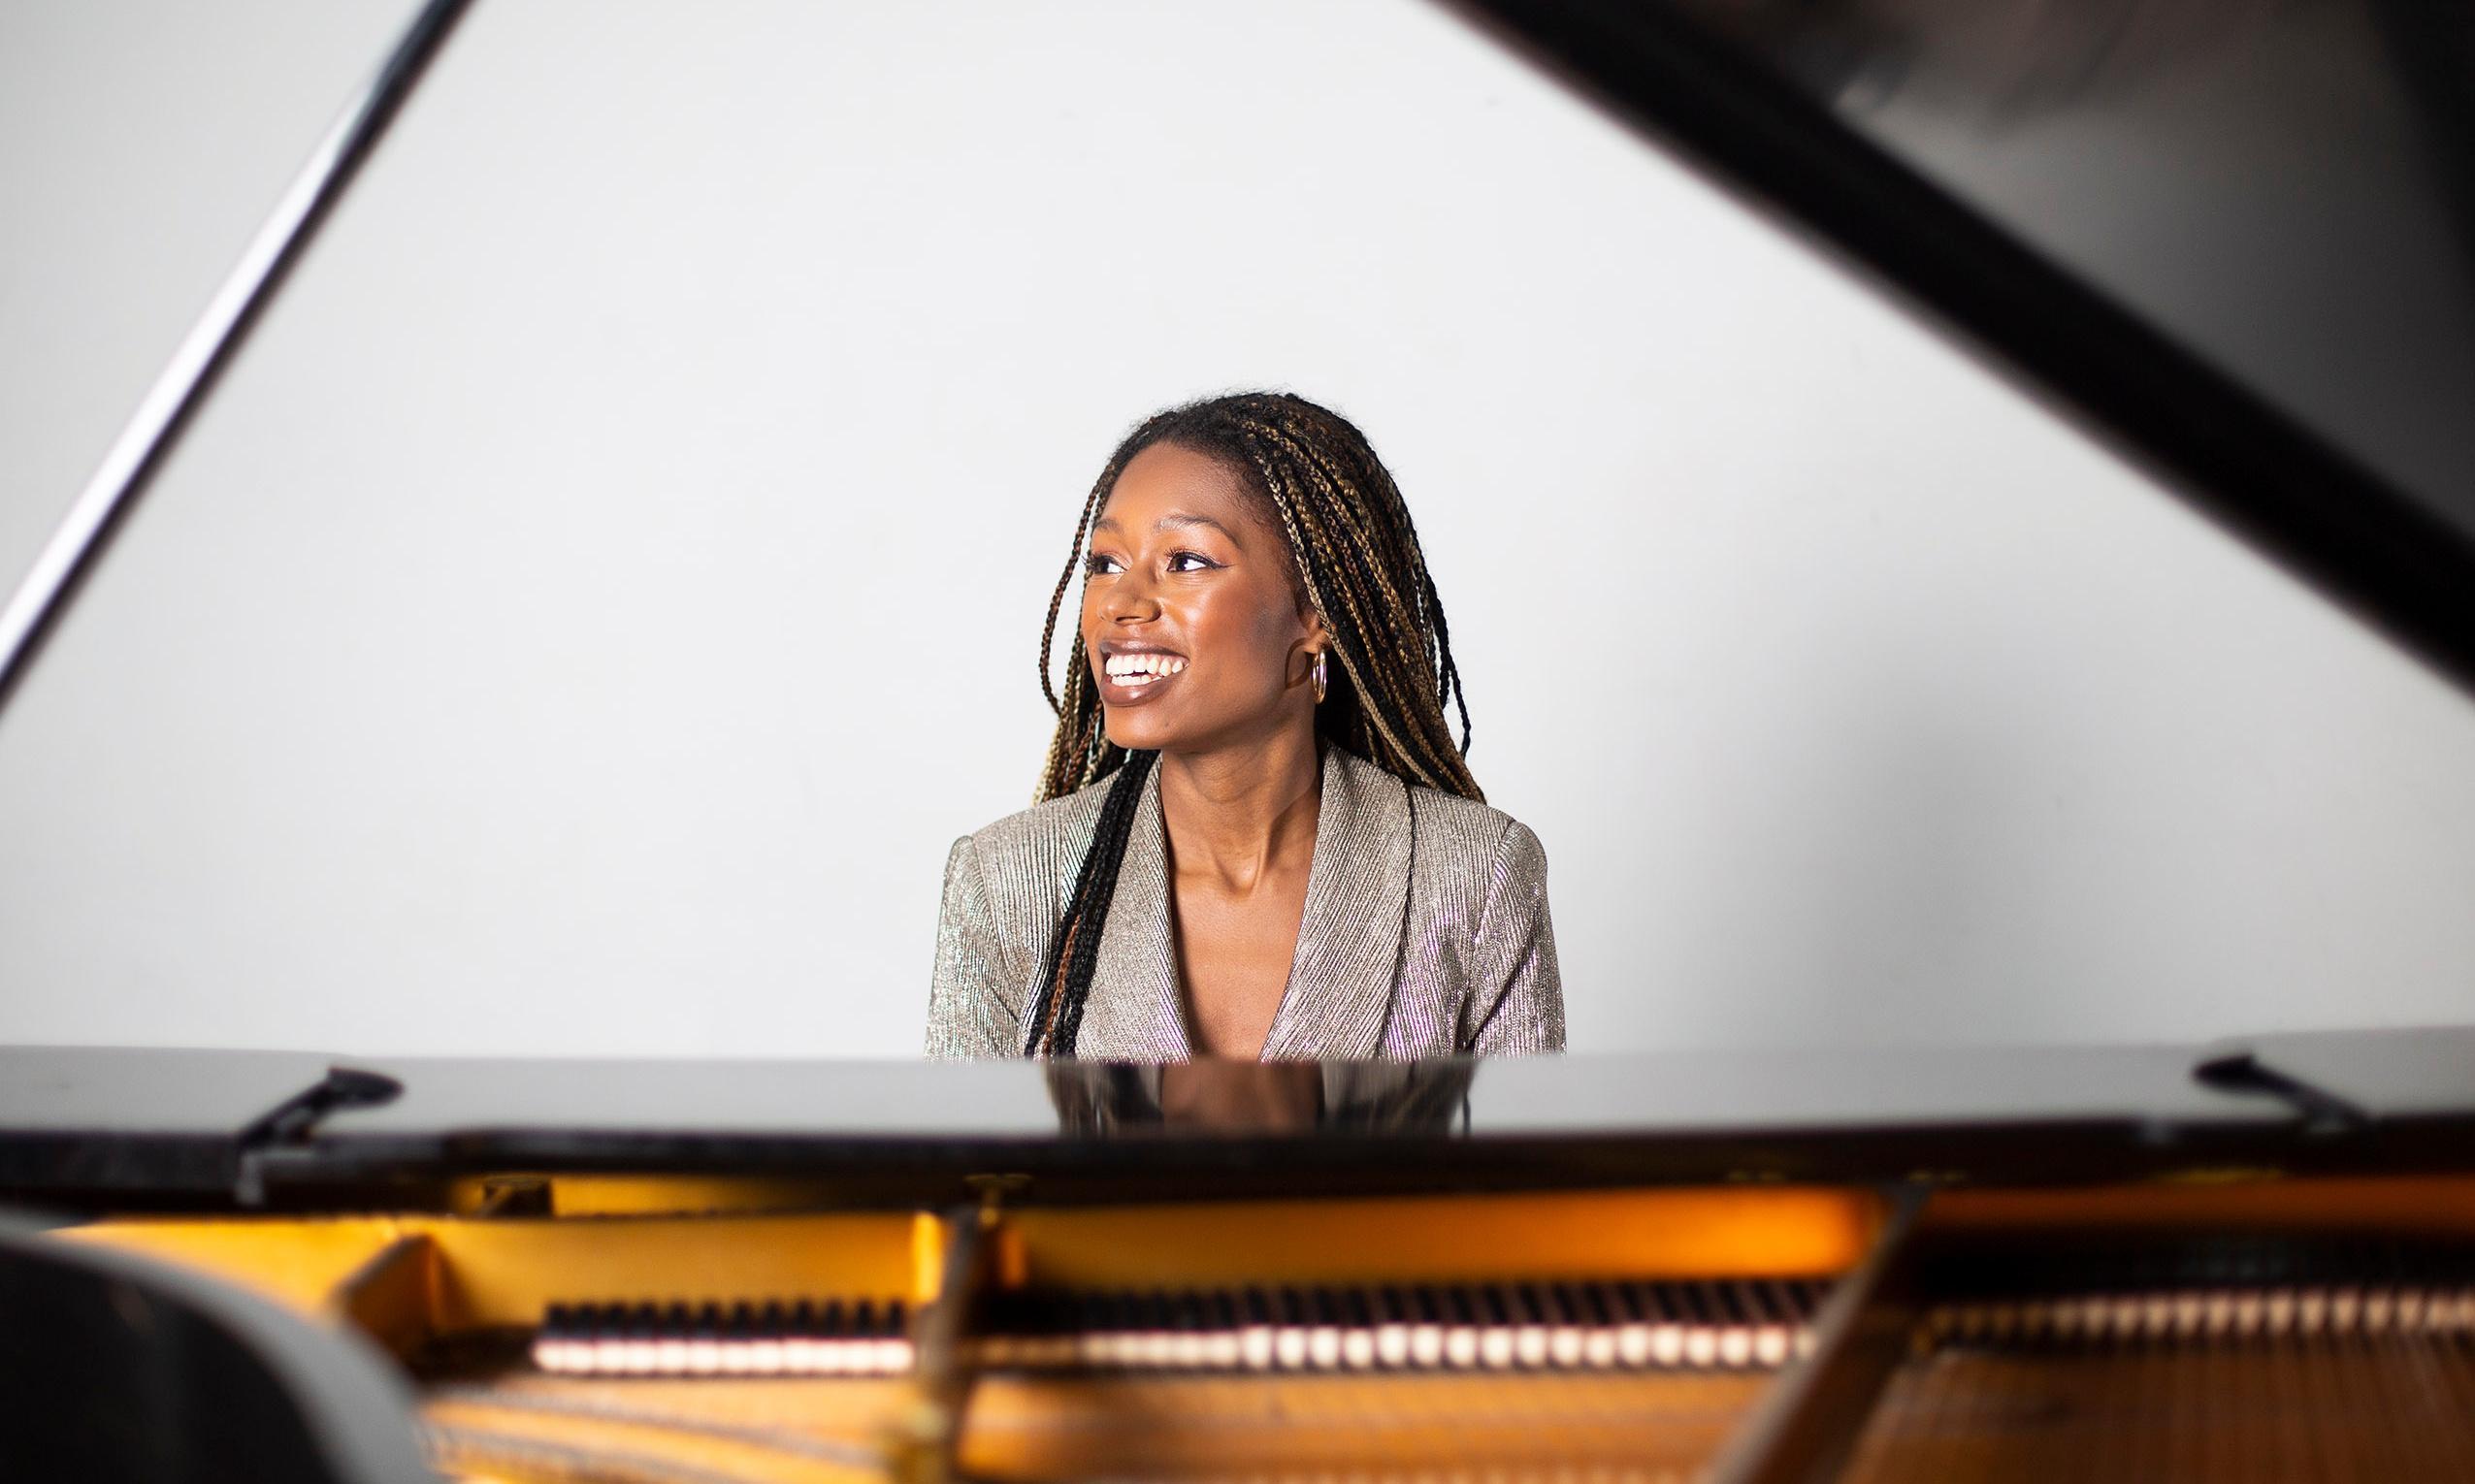 Home listening: Clara Schumann, Gerald Finzi and more